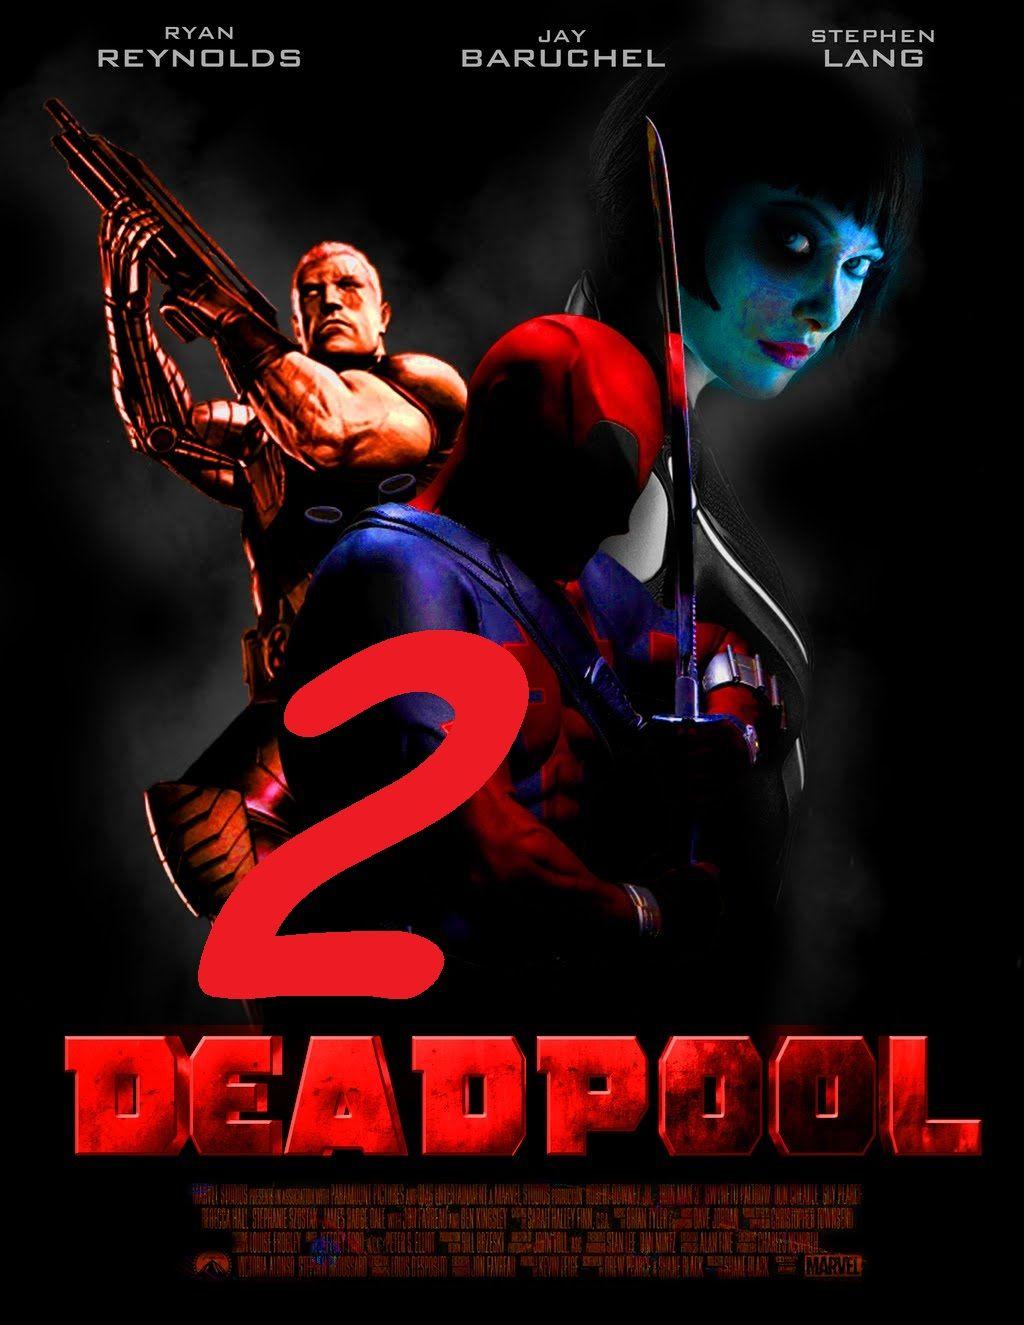 Deadpool 2 Izle Sıradaki Yabancı Film Deadpool 2 Full Izle Orjinal